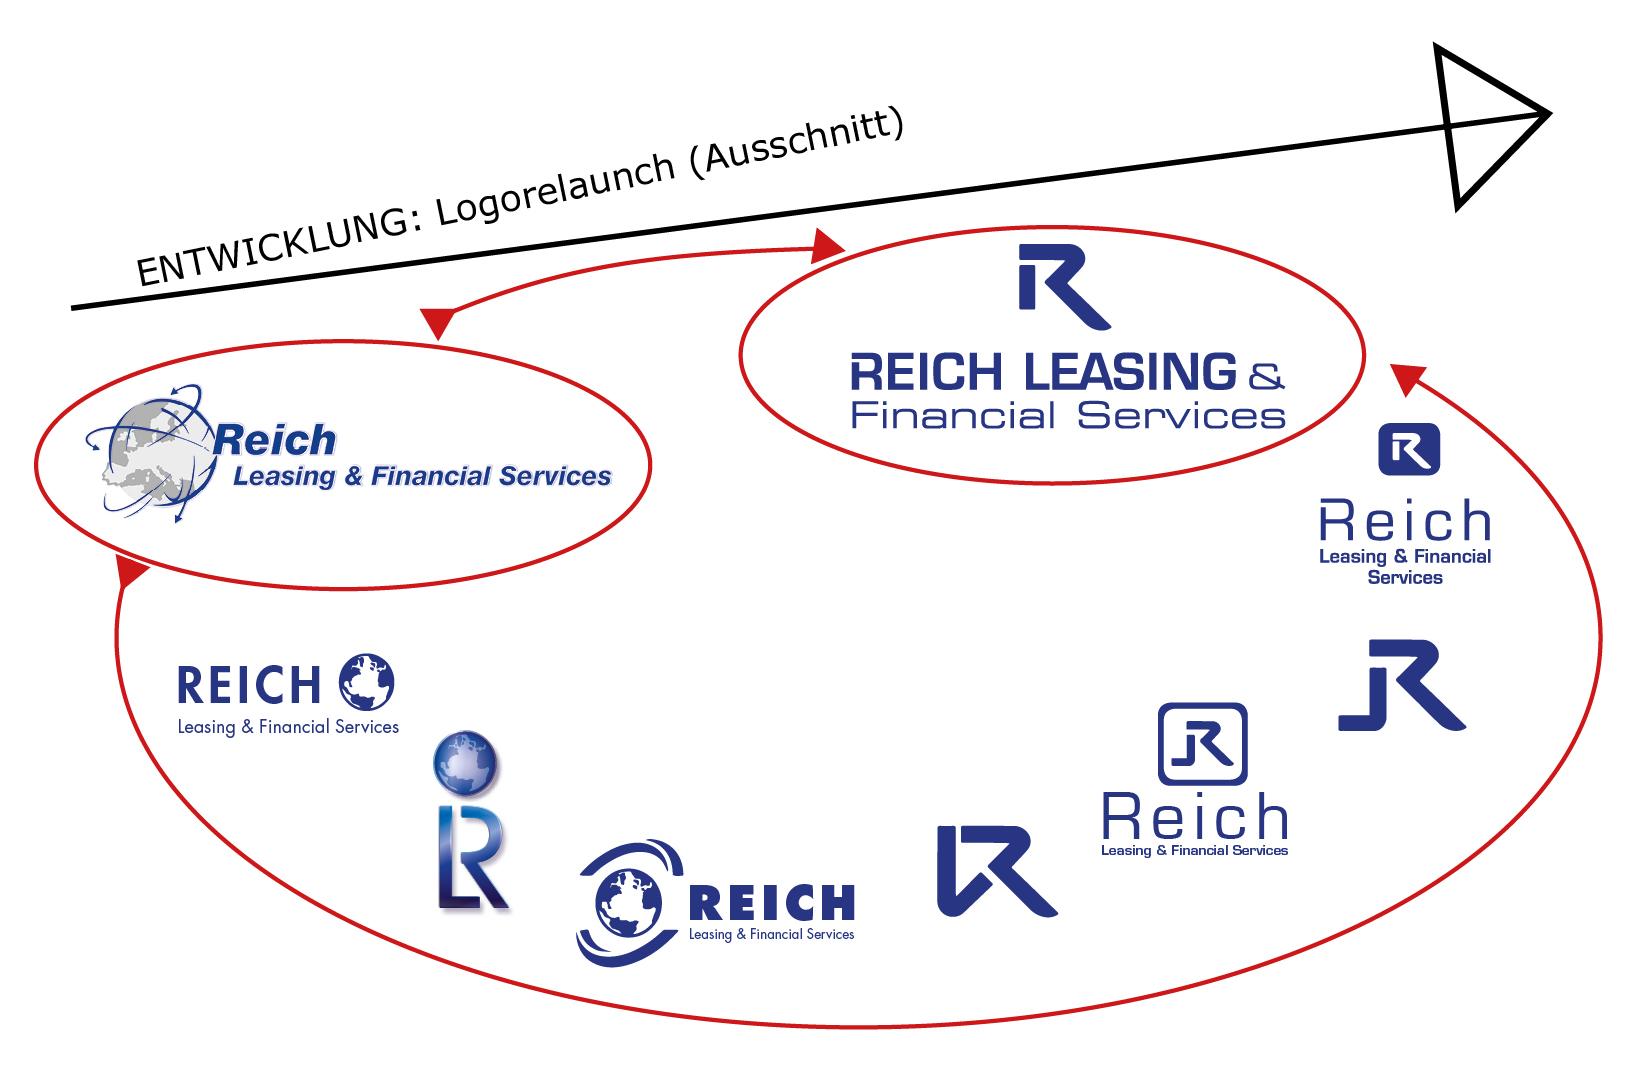 Logorelaunch: R = Konzentration auf das Wesentliche